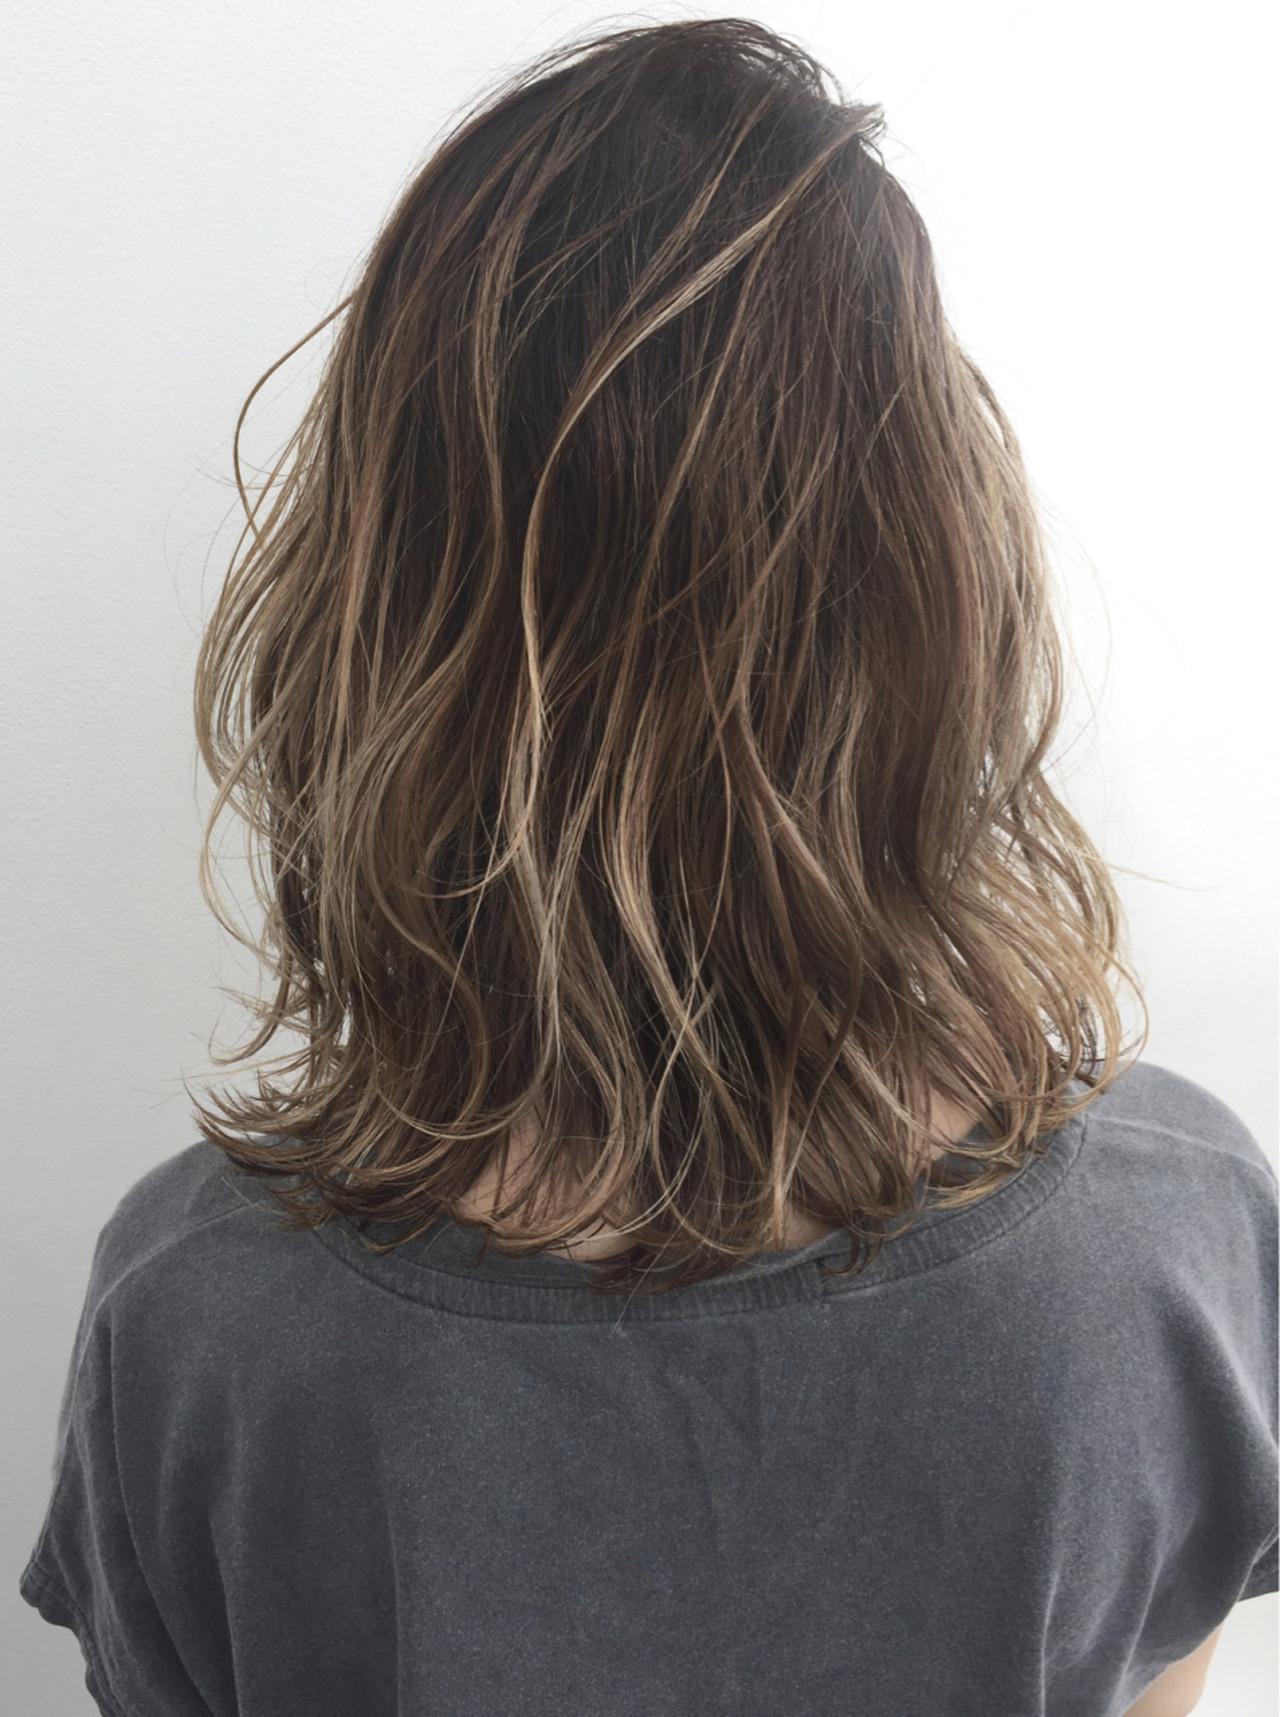 ボブ グレージュ 外国人風 ハイライトヘアスタイルや髪型の写真・画像